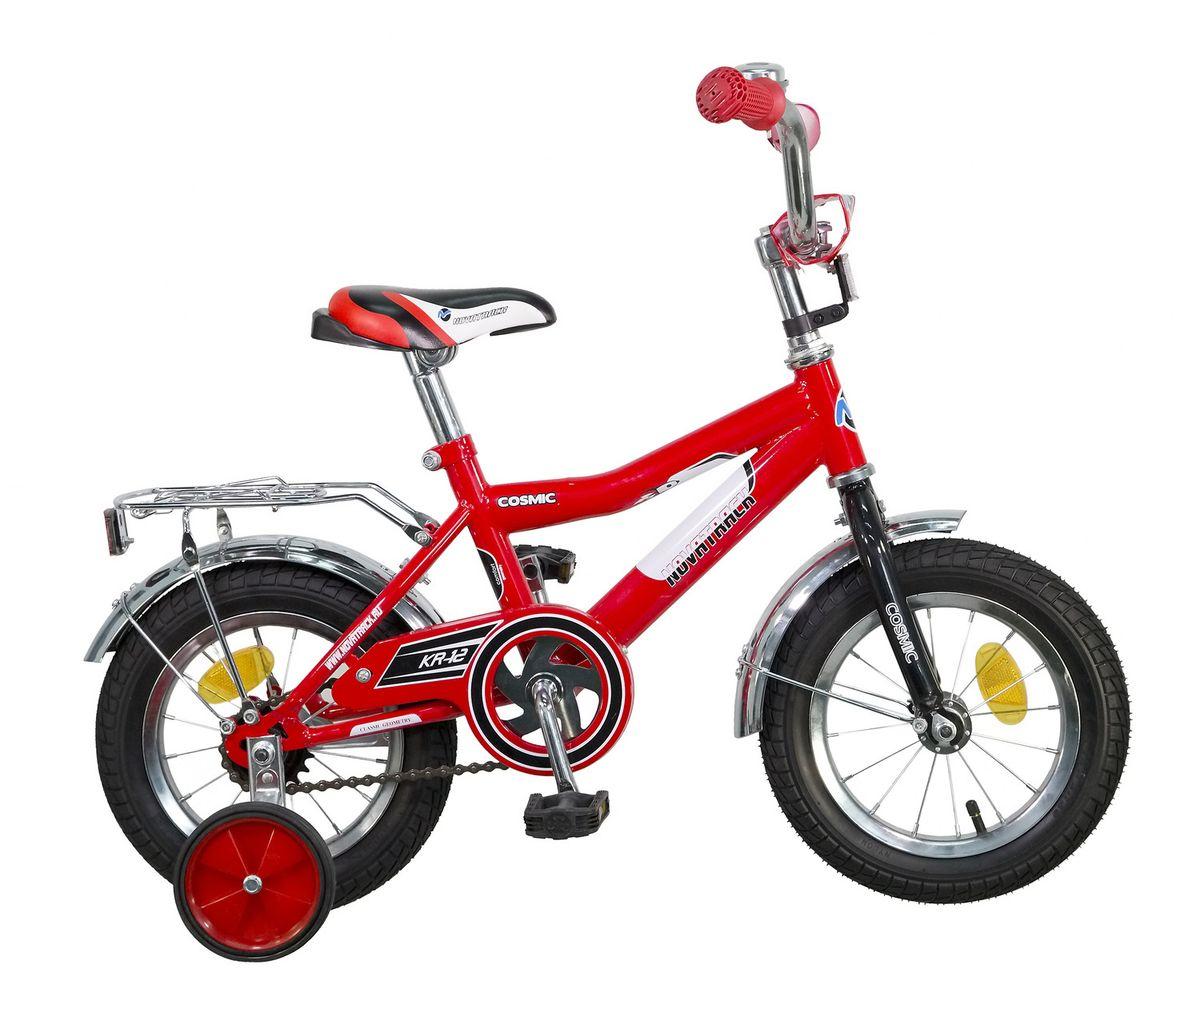 Велосипед детский Novatrack Cosmic, цвет: красный, белый, черный, 12 велосипед детский novatrack urban цвет красный черный 16